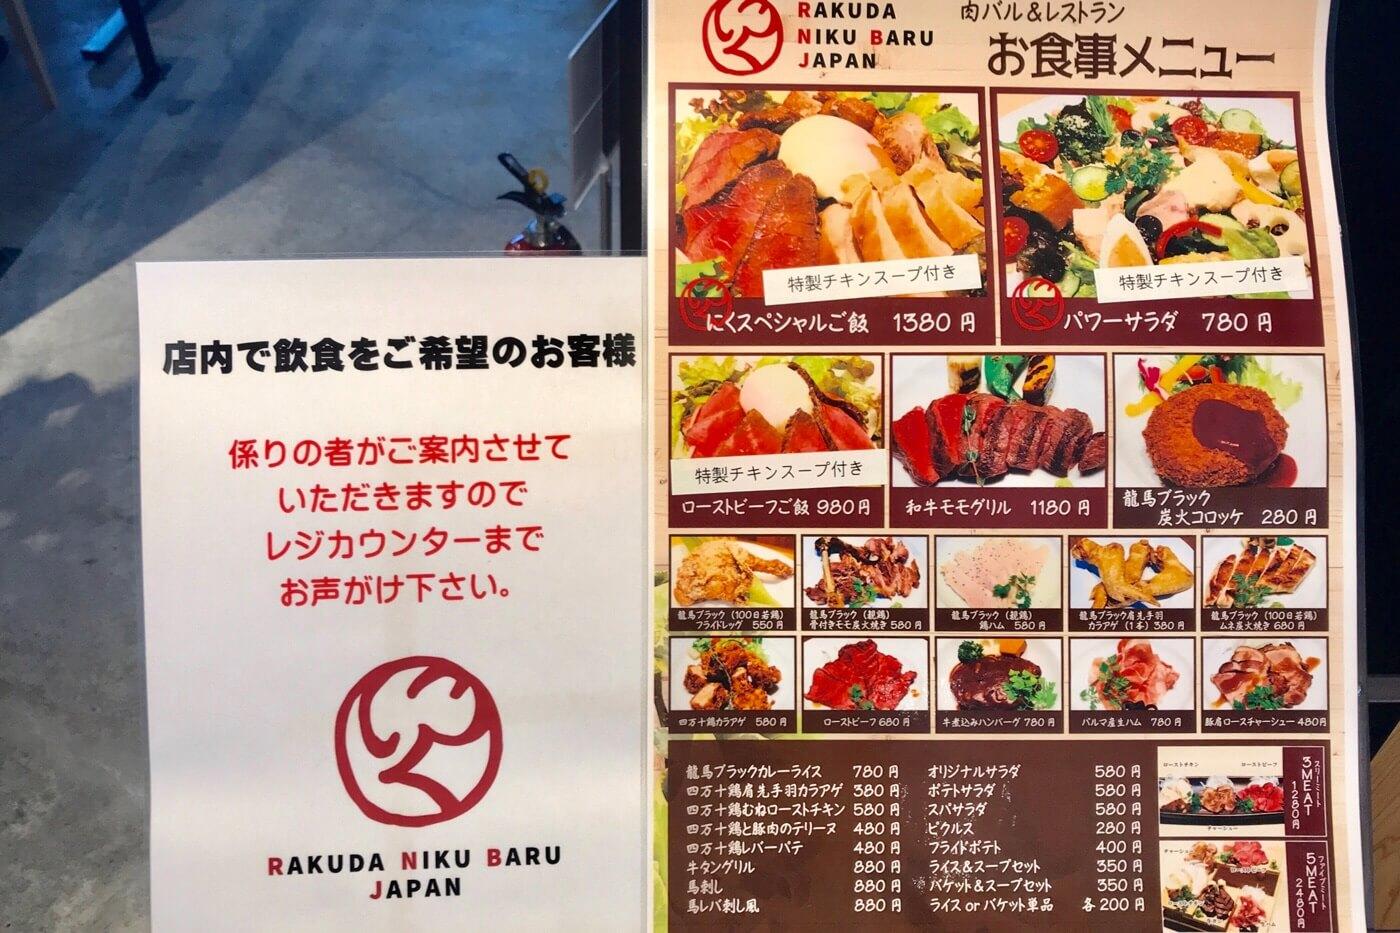 高知蔦屋書店 RAKUDA NIKU BARU JAPAN ラクダ肉バルのメニュー